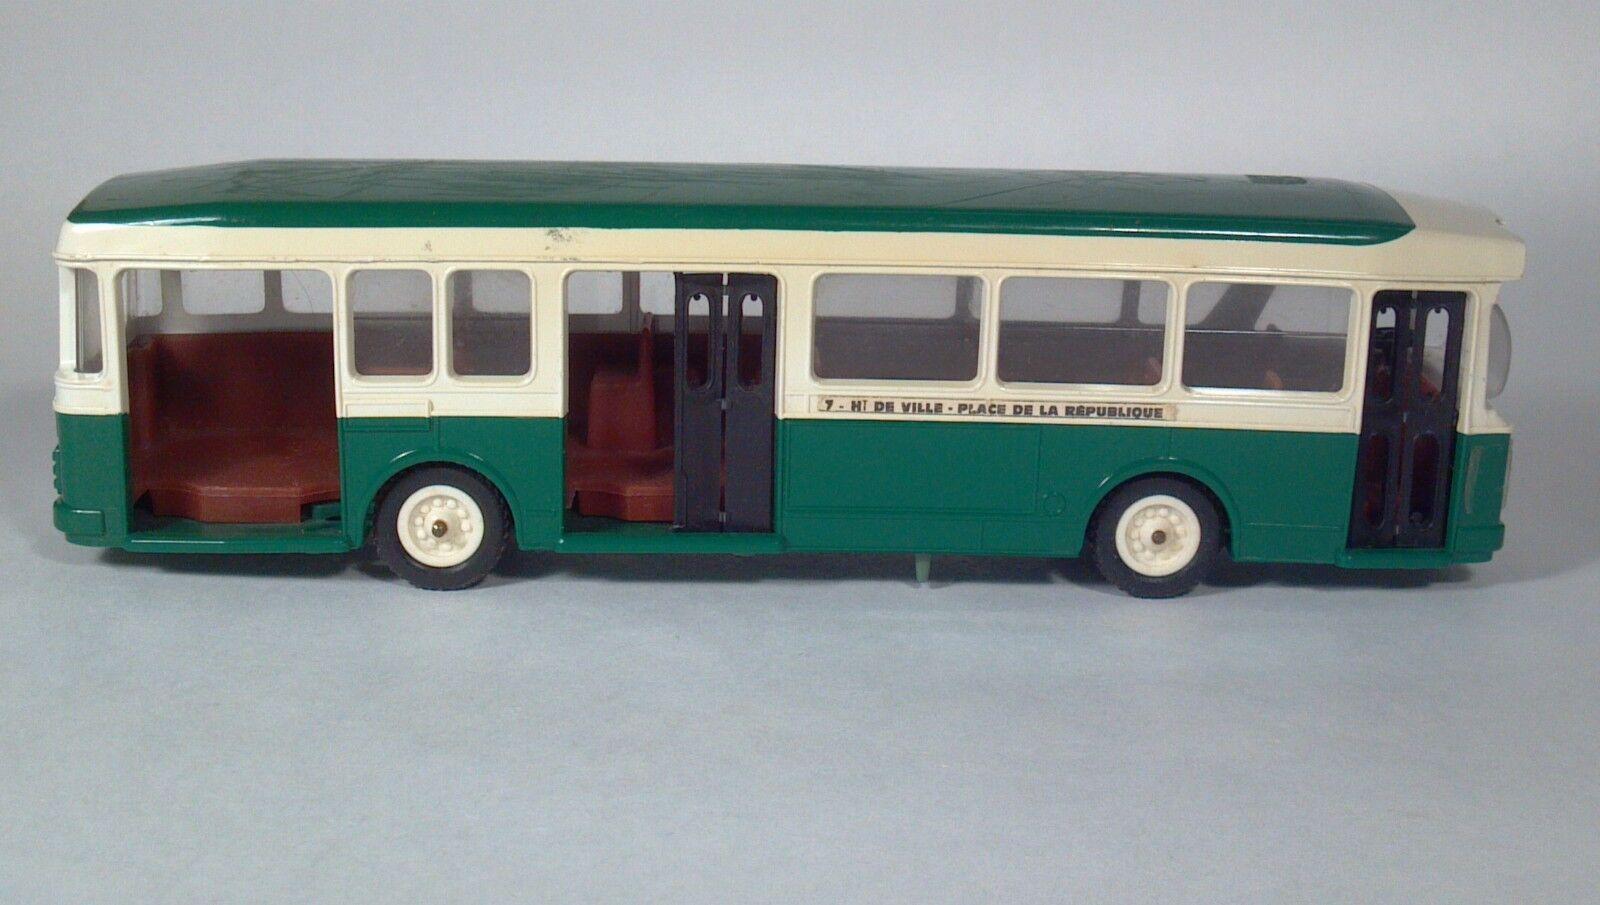 Minialuxe Autobus Parisien Berliet Sgdg Sgdg Sgdg 1 43 Escala Modelo de bus de tránsito de la ciudad r.a.t.p f1eeb5